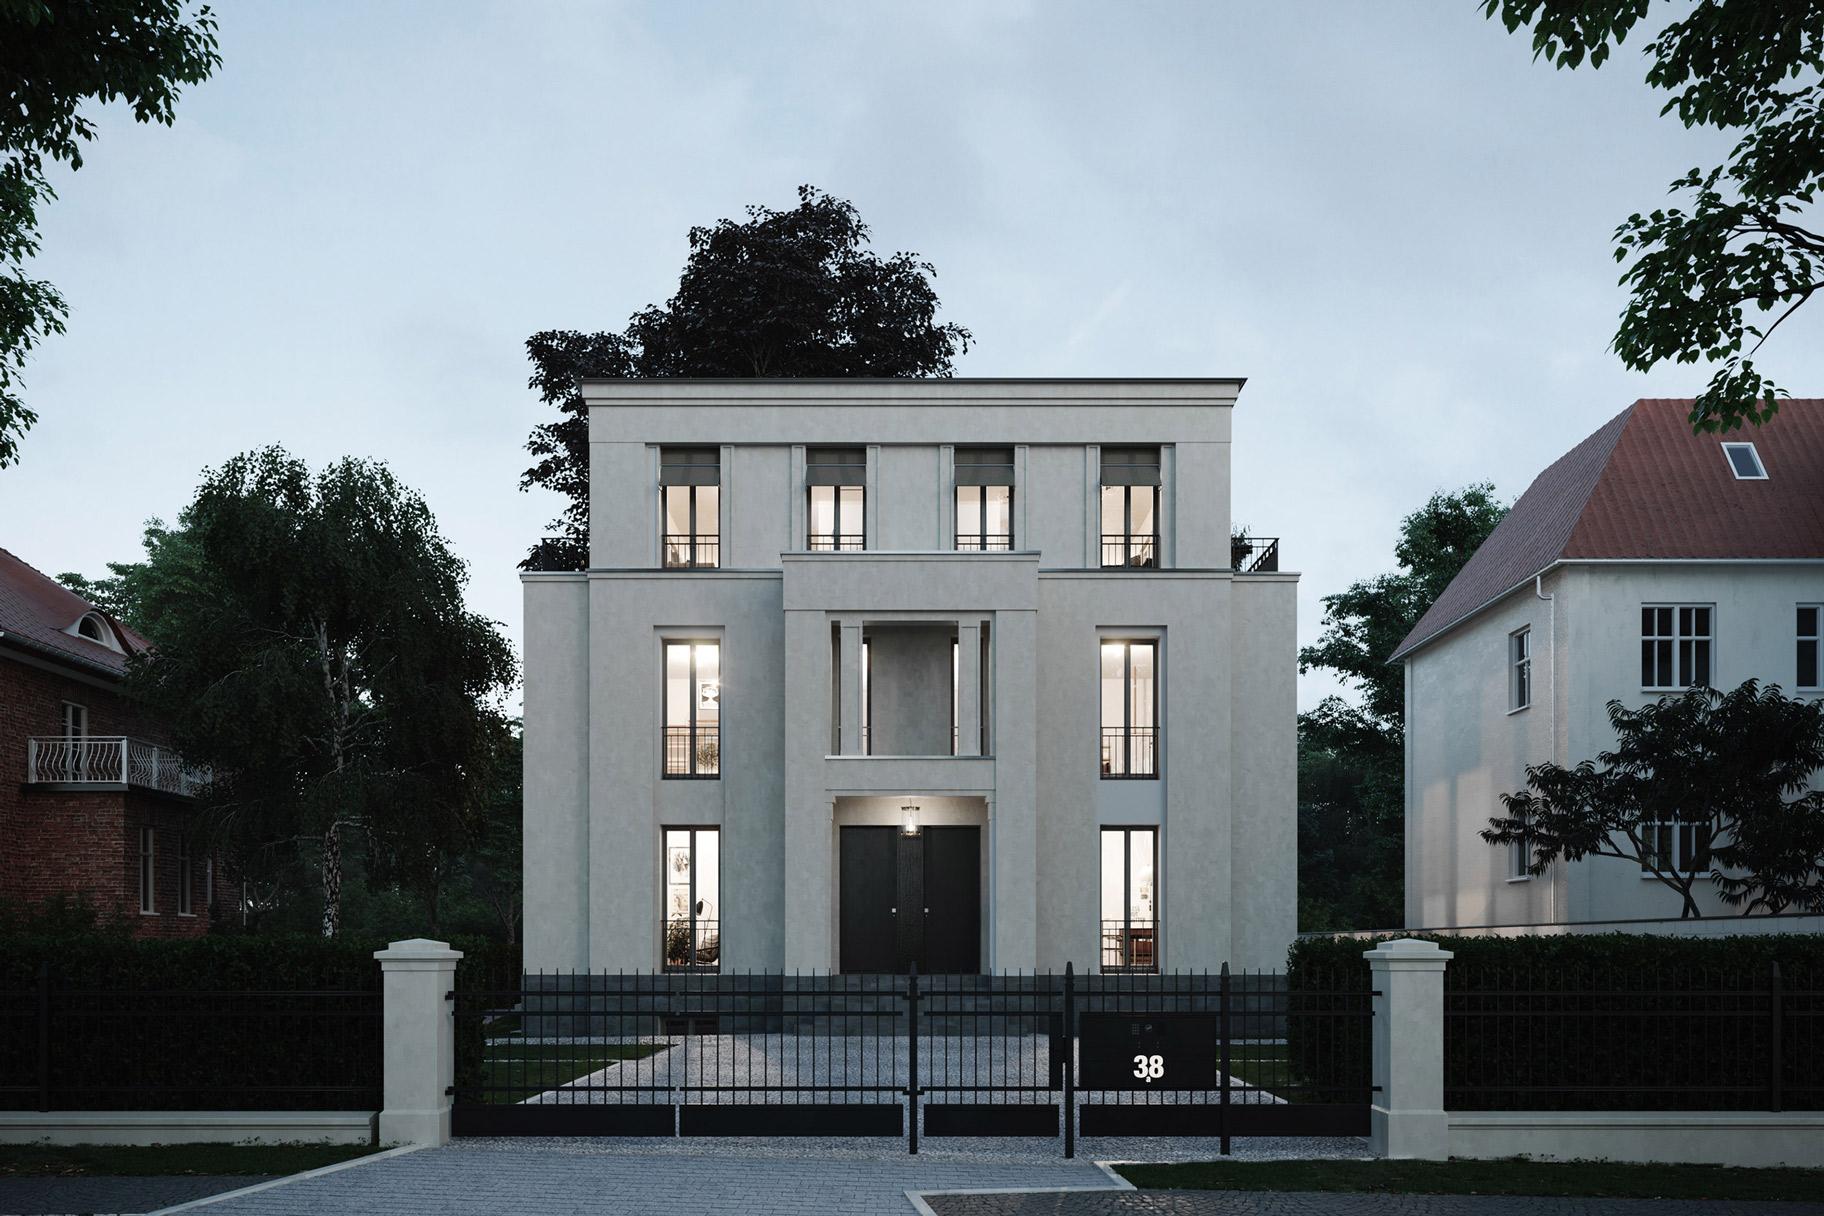 Podbielski 38 - Klassische Stadtvilla mit modernen Eigentumswohnungen in Berlin-Dahlem